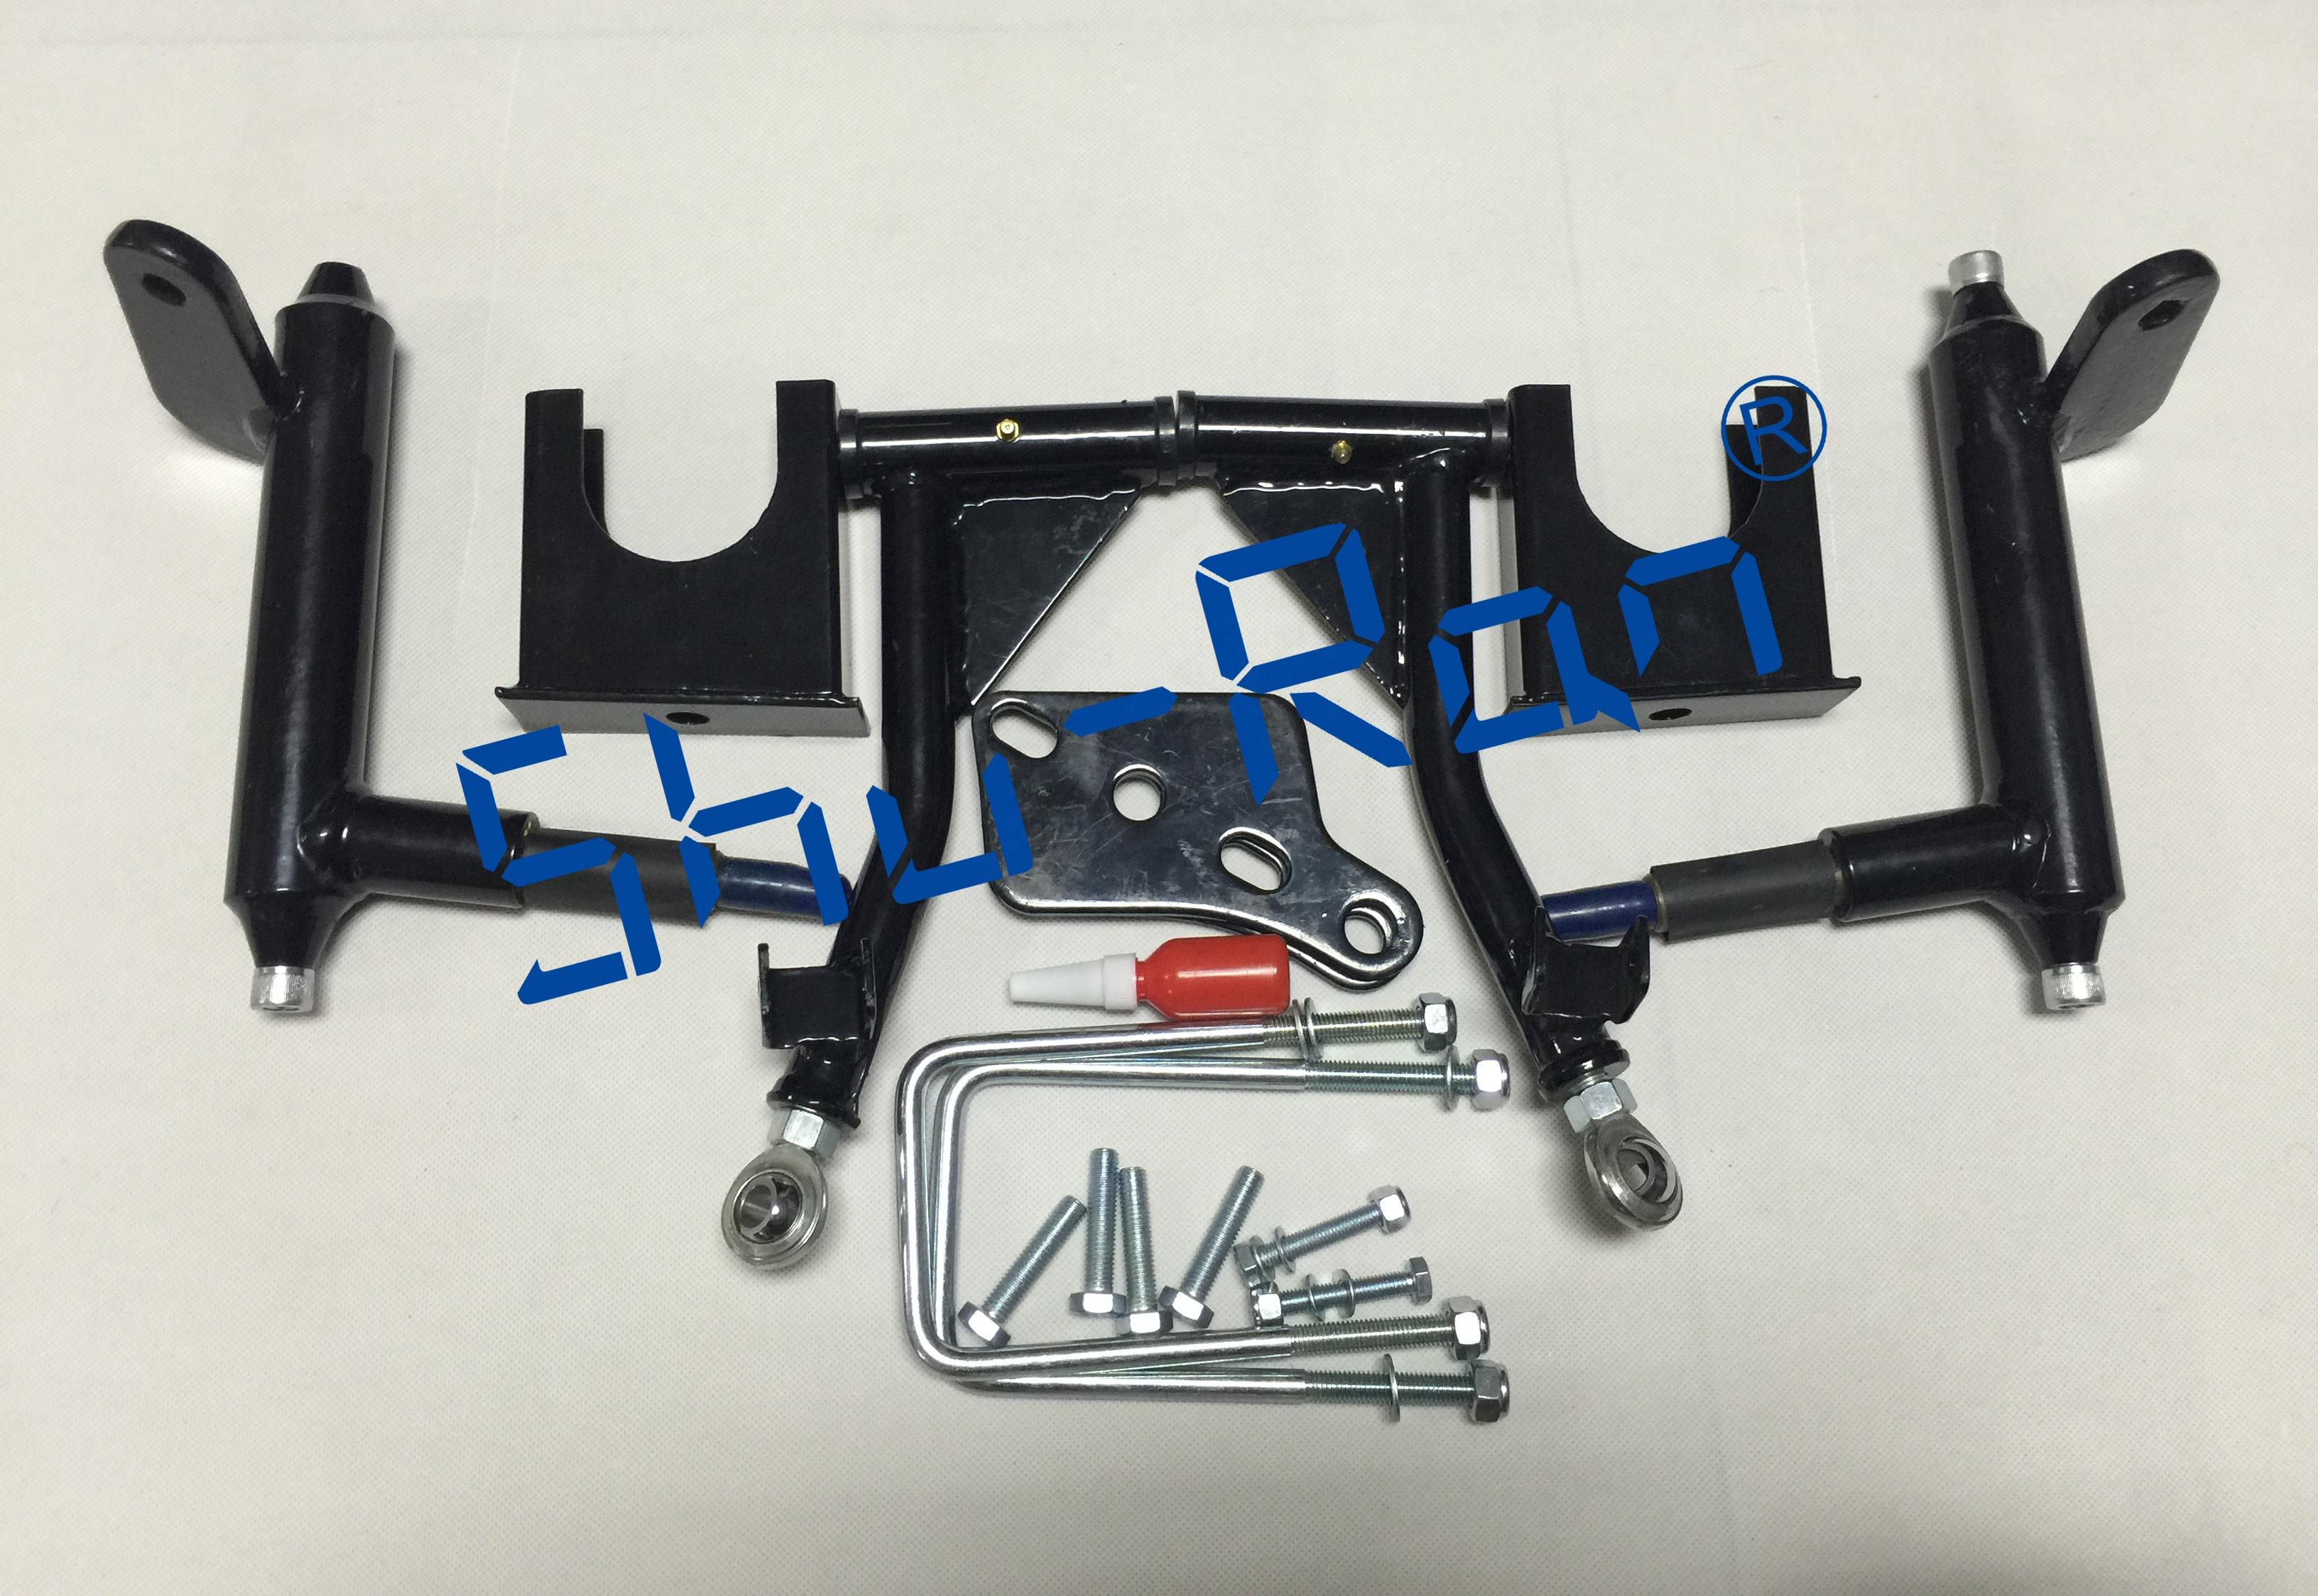 6 inch Club Car Precedent Heavy Duty A-Arm Golf Cart Lift Kit